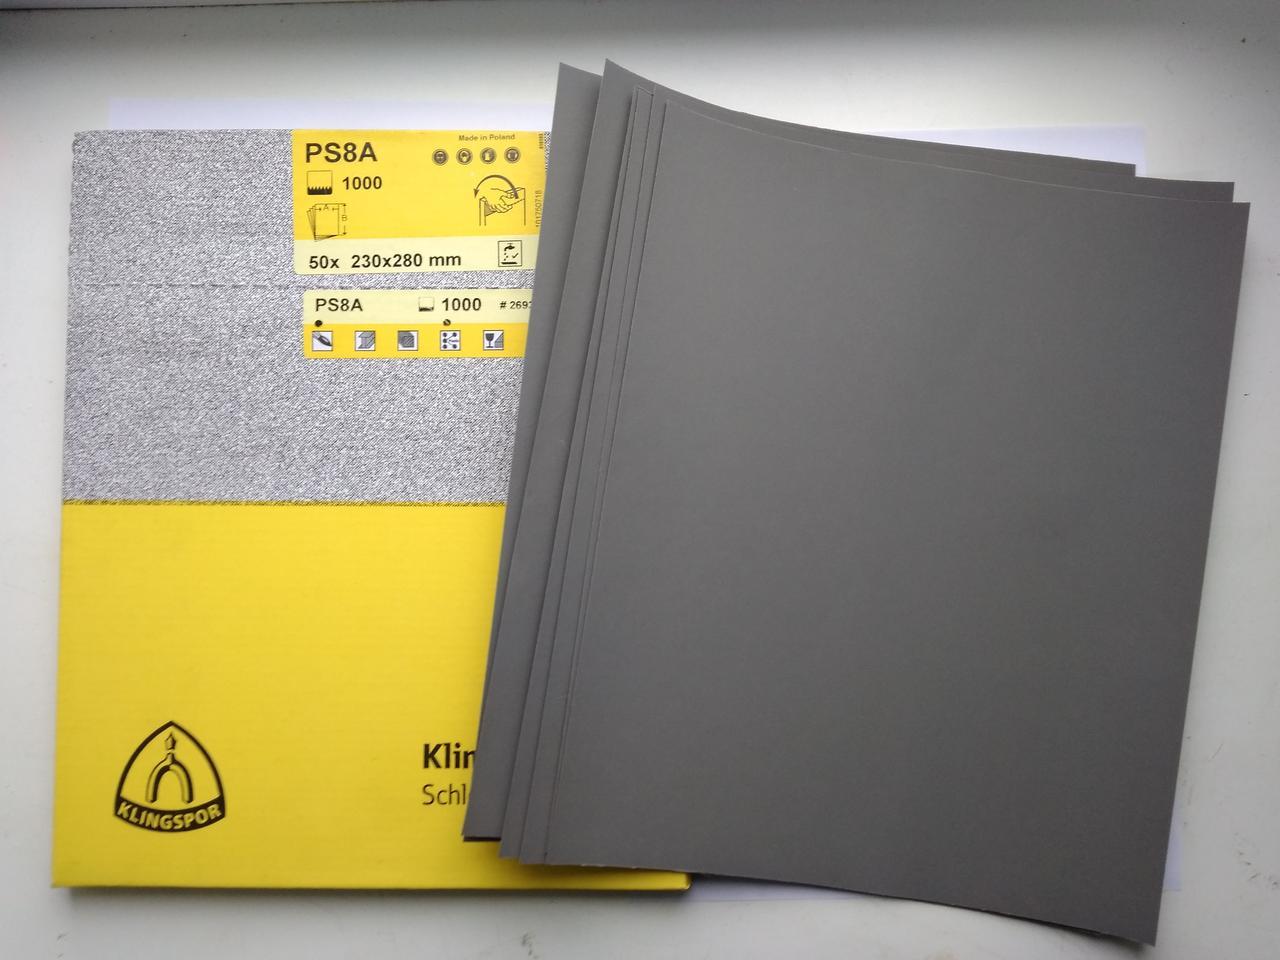 Шлифовальная шкурка на бумажной основе водостойкая PS8A 1000 KLINGSPOR